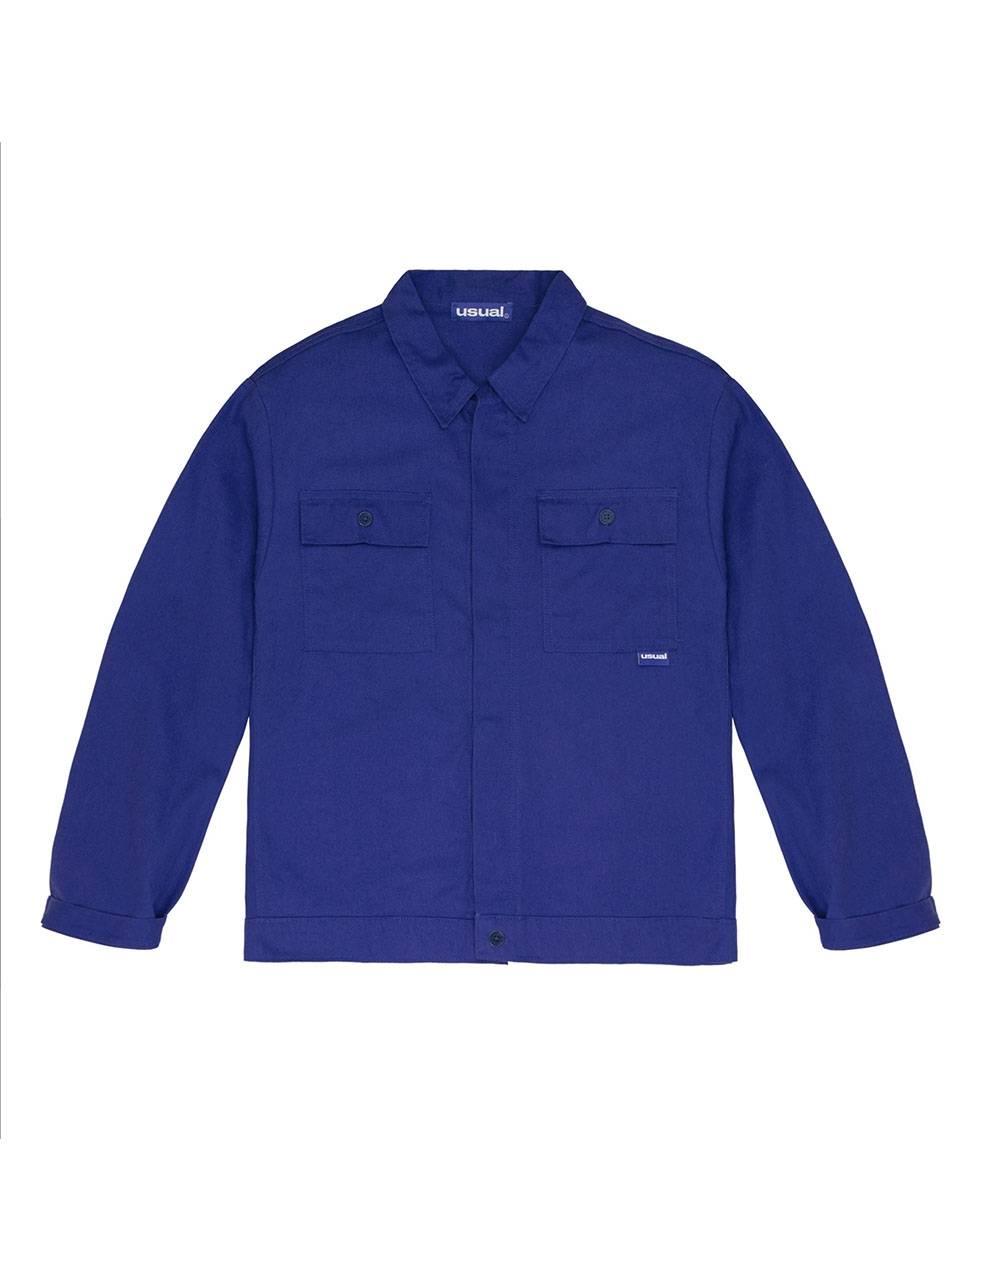 Usual No Thanx Overshirt jacket - royal Usual Shirt 78,69€